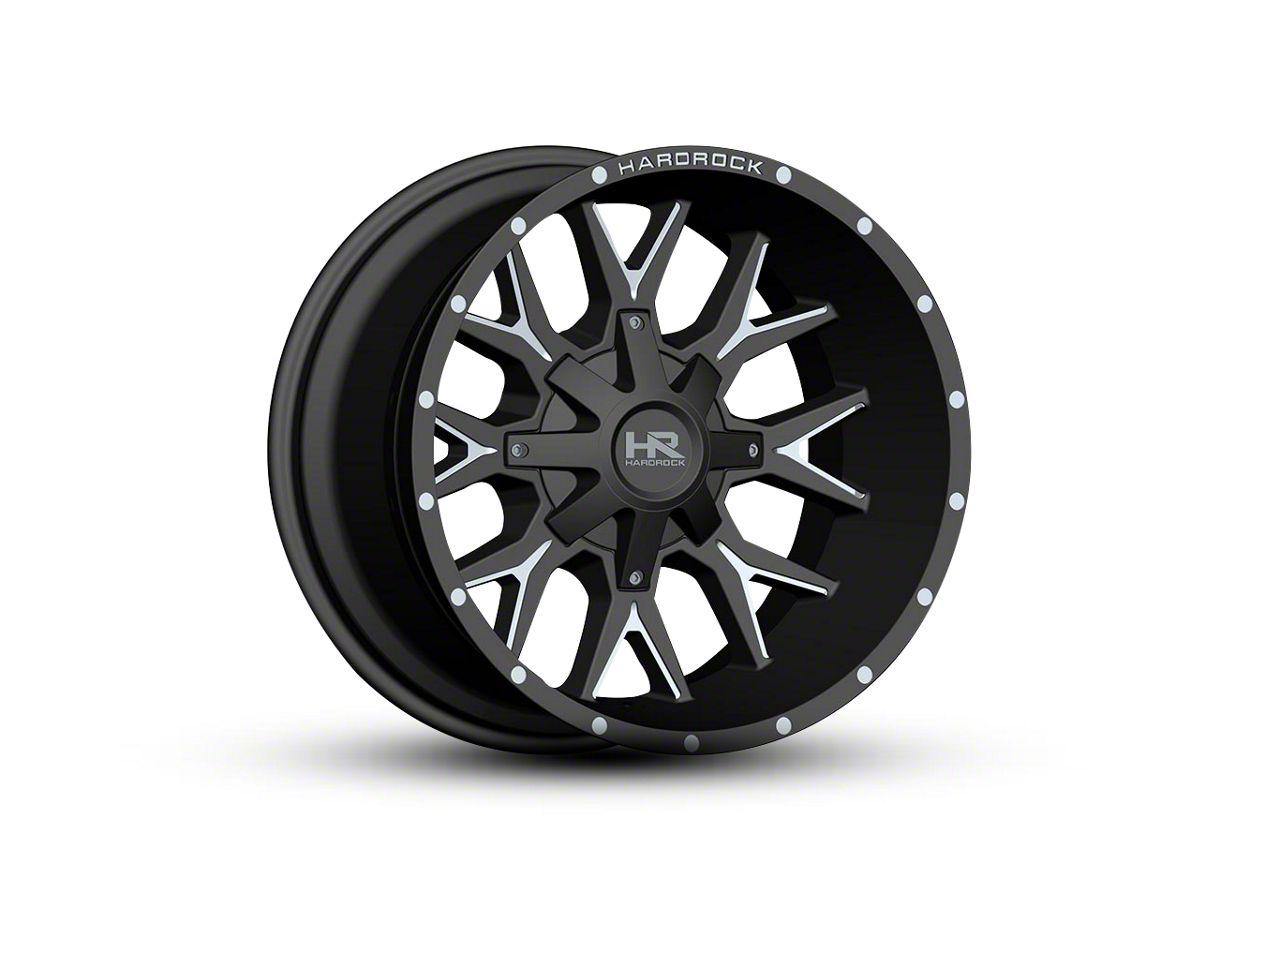 Hardrock Offroad H700 AFFLICTION Black Milled 5-Lug Wheel - 22x10 (02-18 RAM 1500, Excluding Mega Cab)